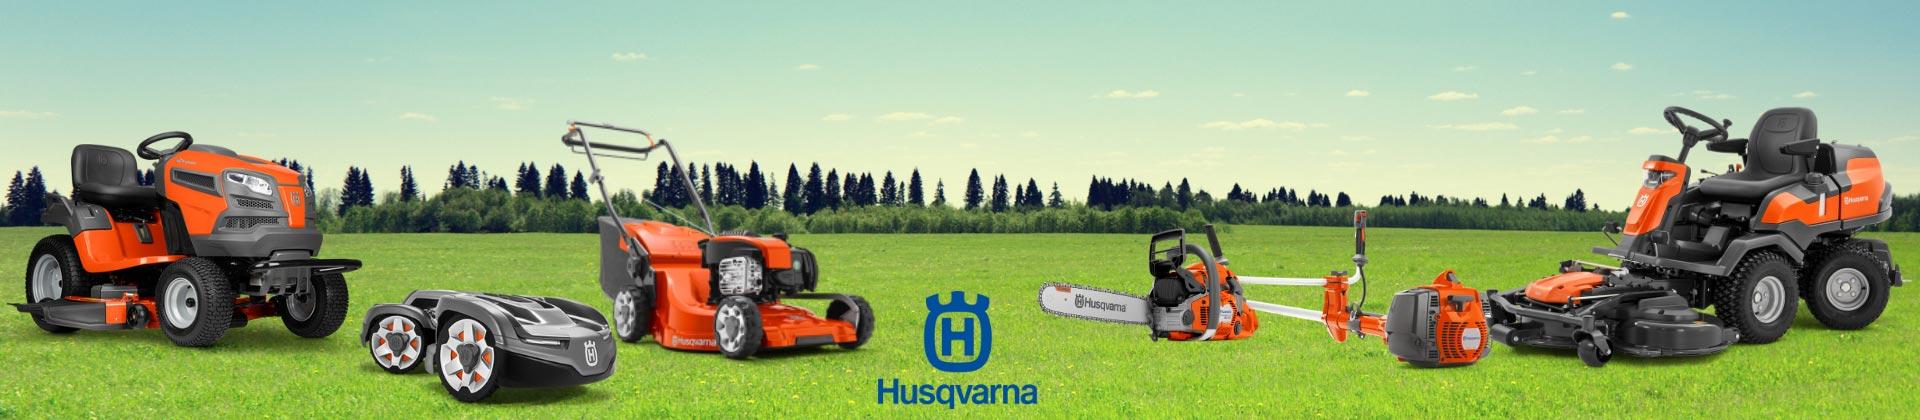 máquinas e ferramentas de jardim husqvarna